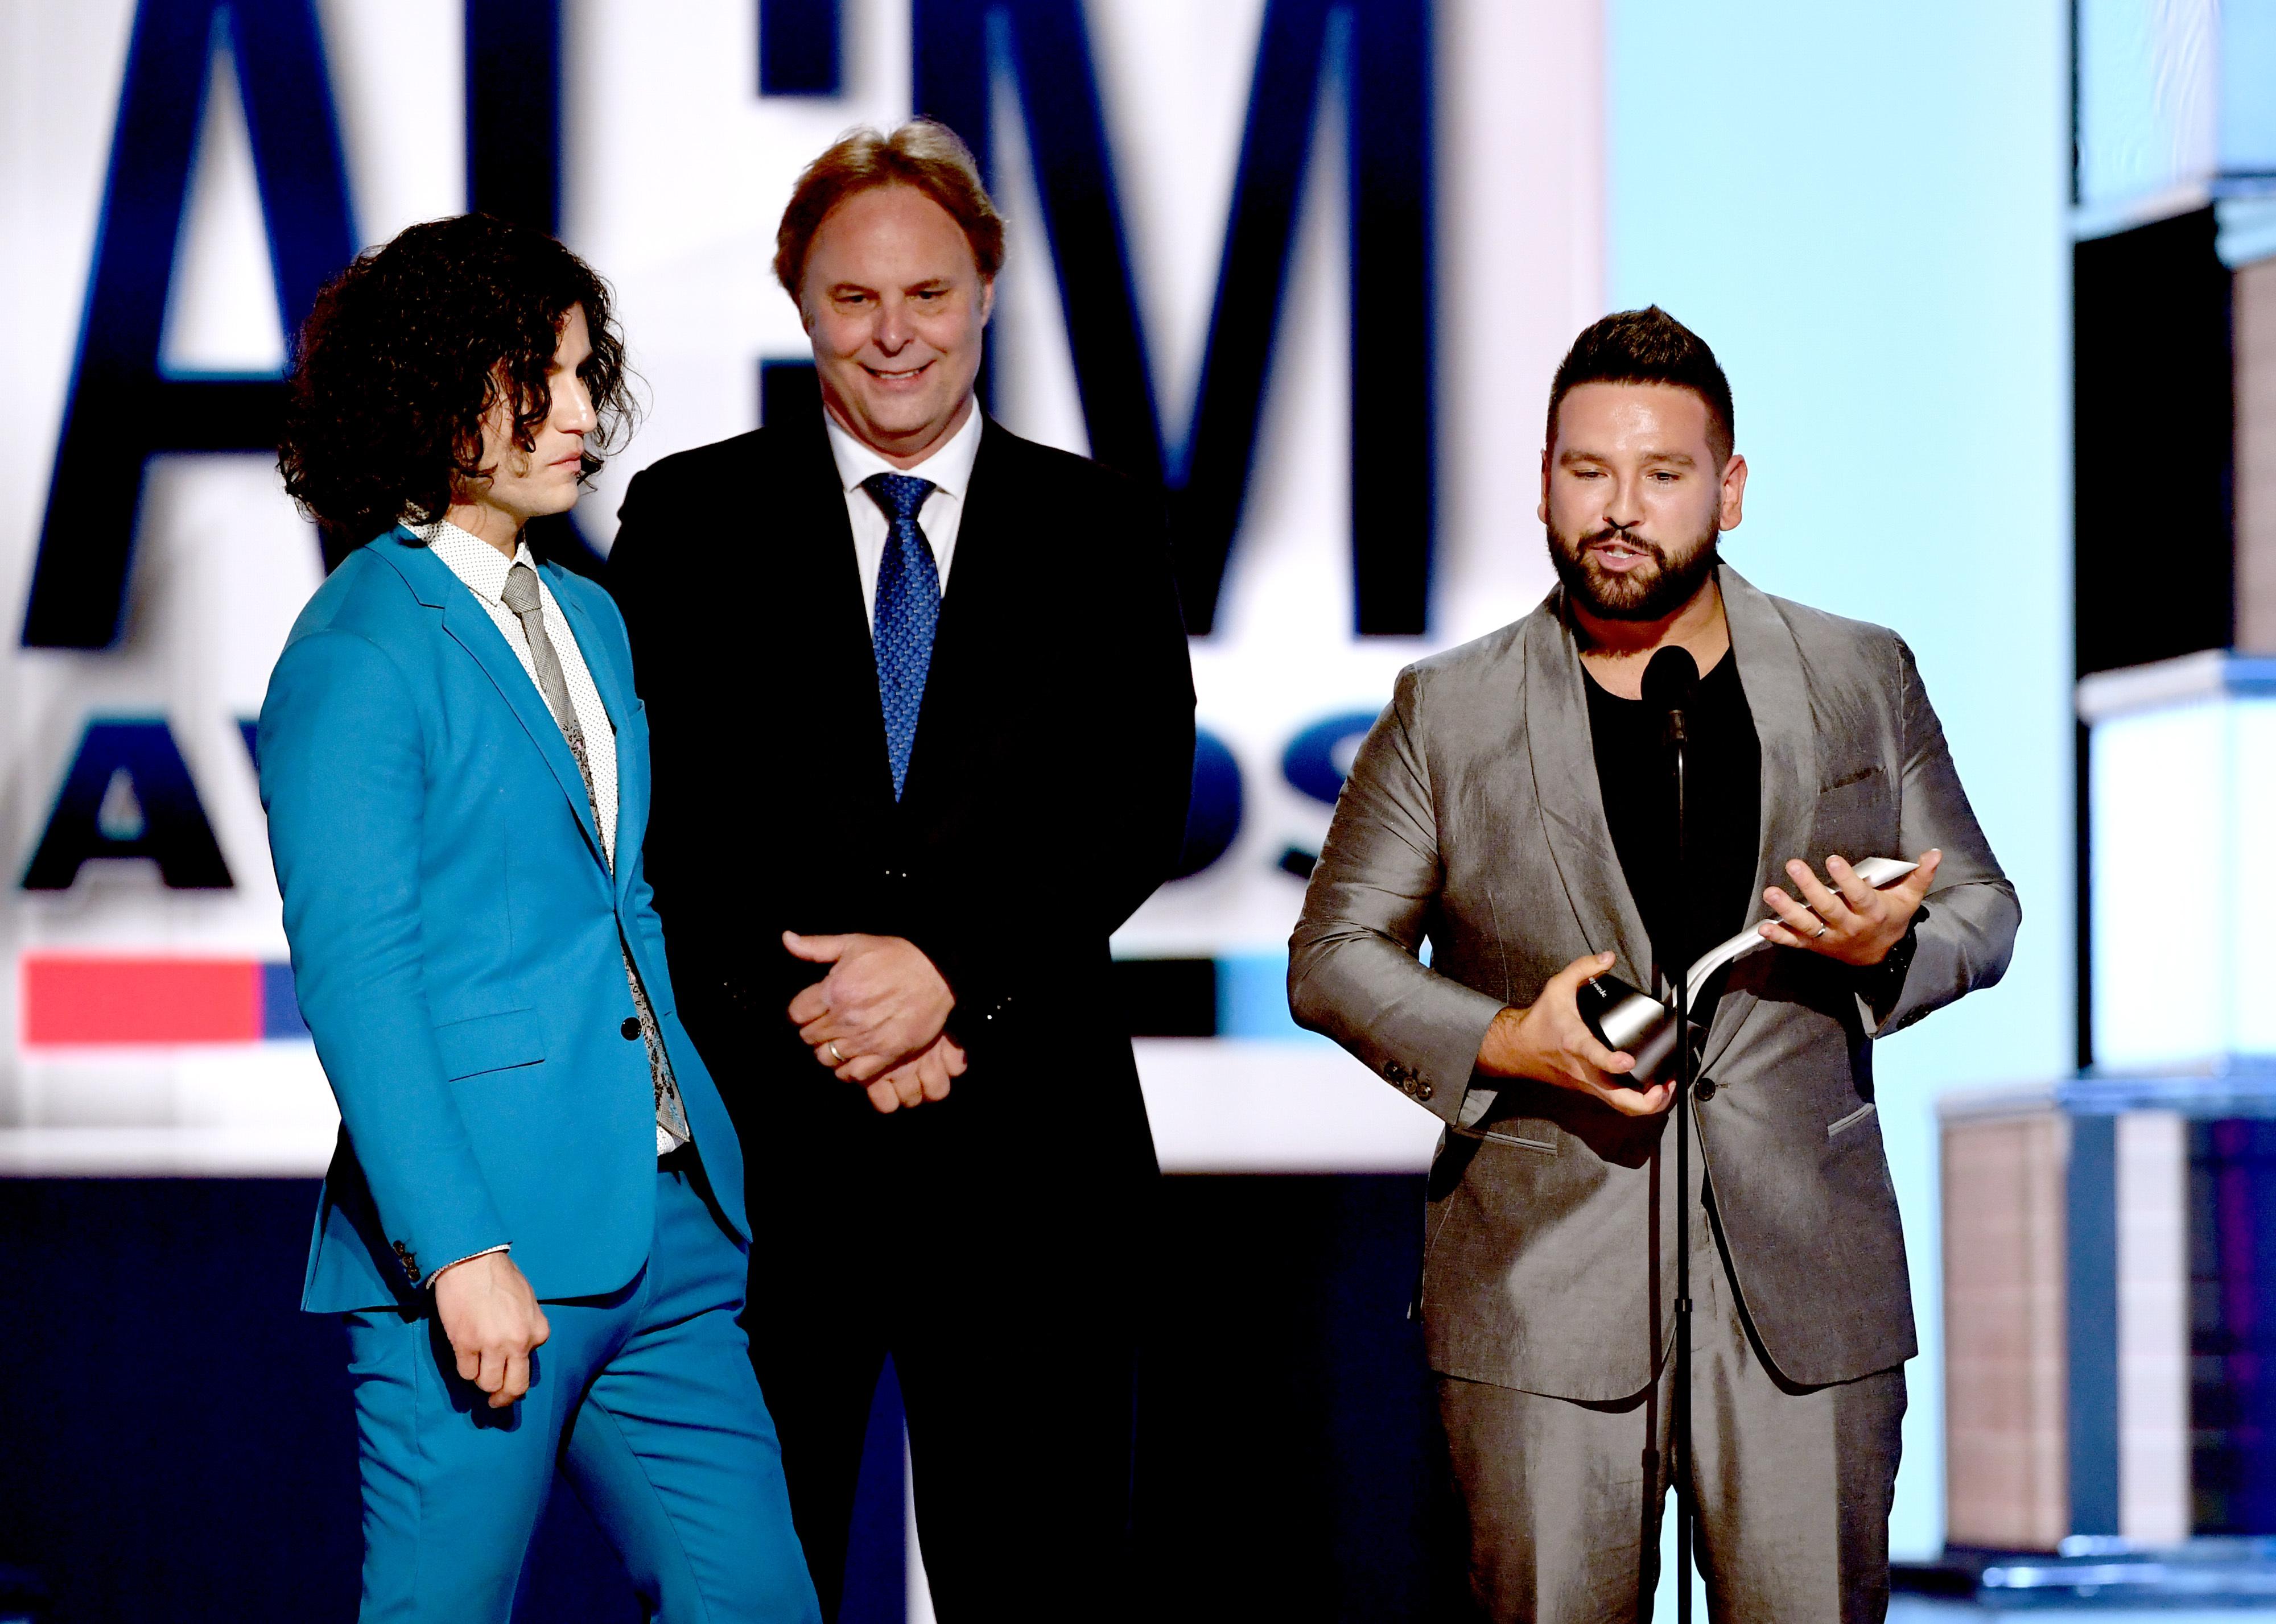 Dan + Shay, Keith Urban, Kacey Musgraves win big at 2019 ACM Awards